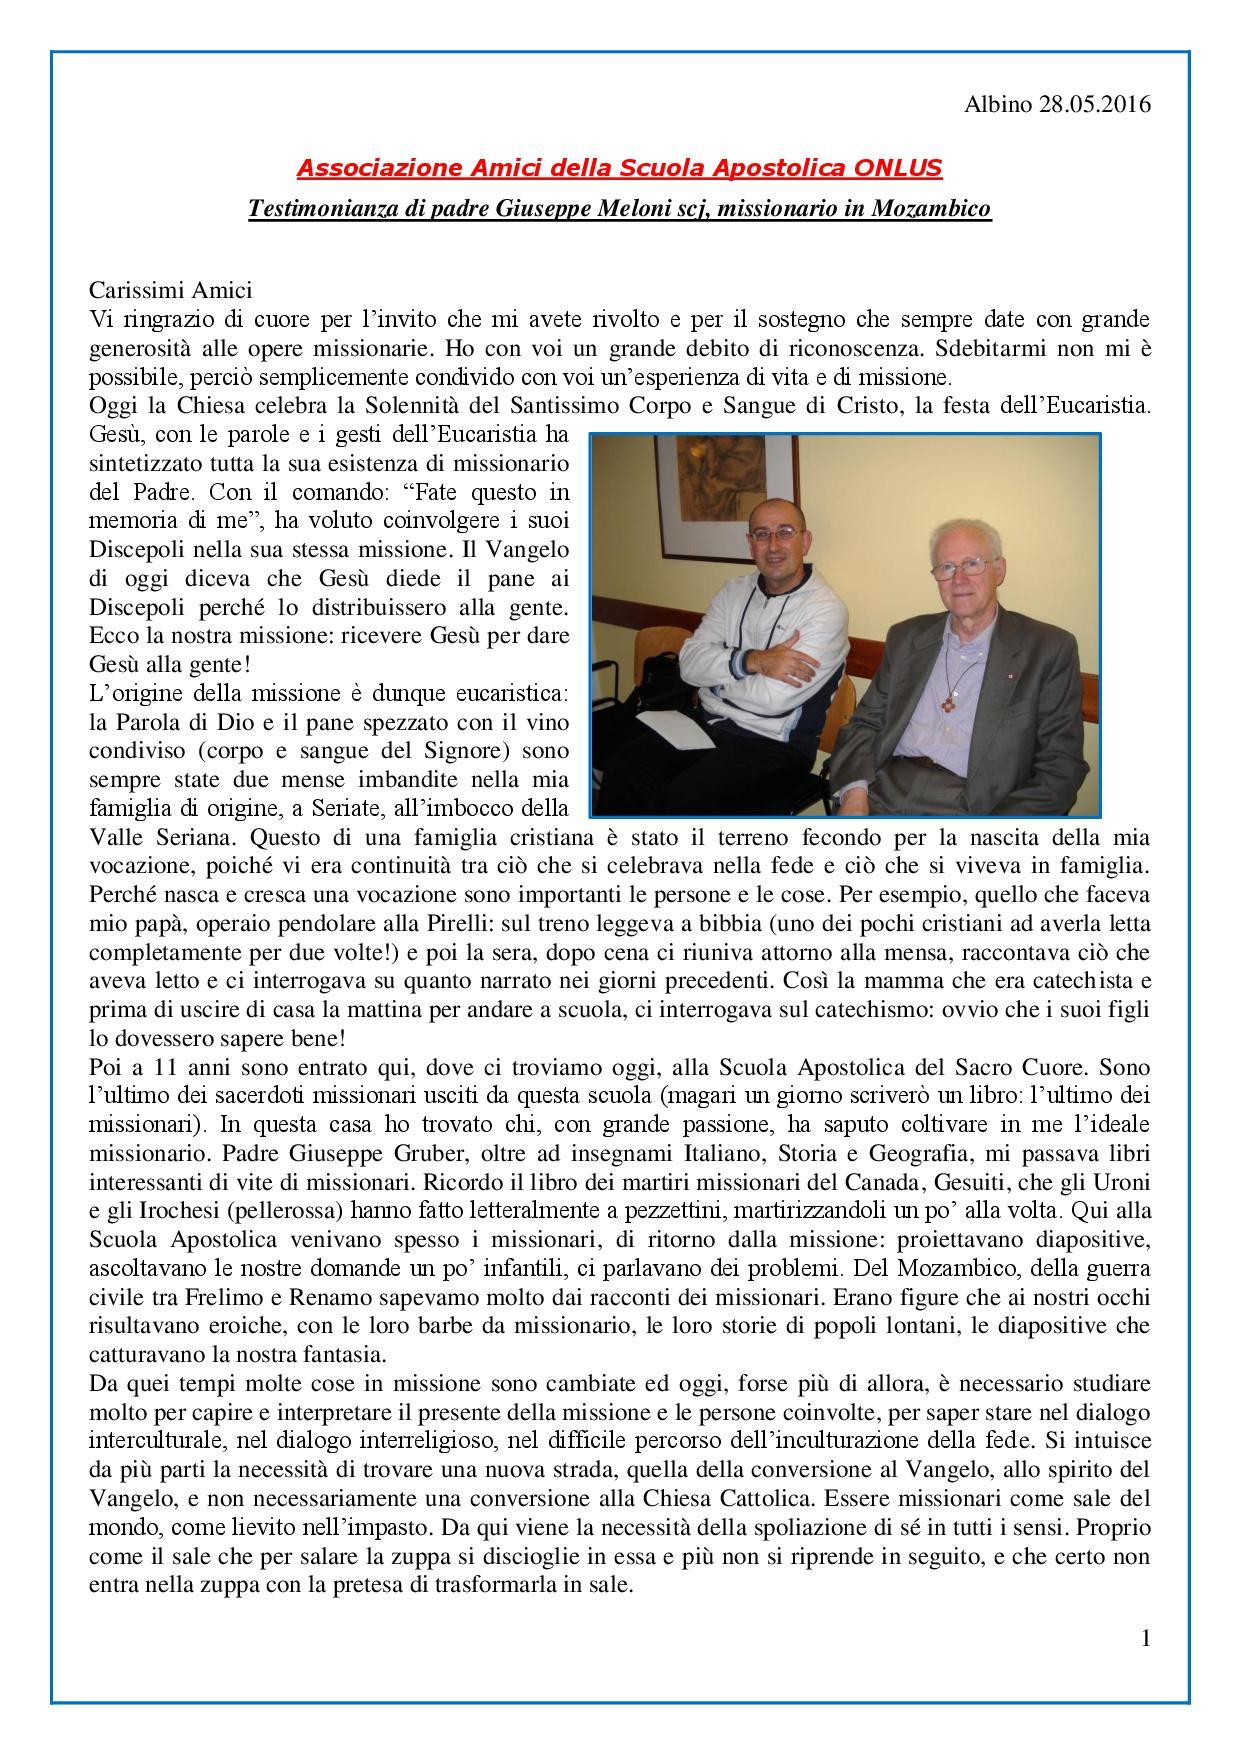 Albino 28 maggio 2016_Associazione Amici Scuola Apostolica_Testimonianza-001